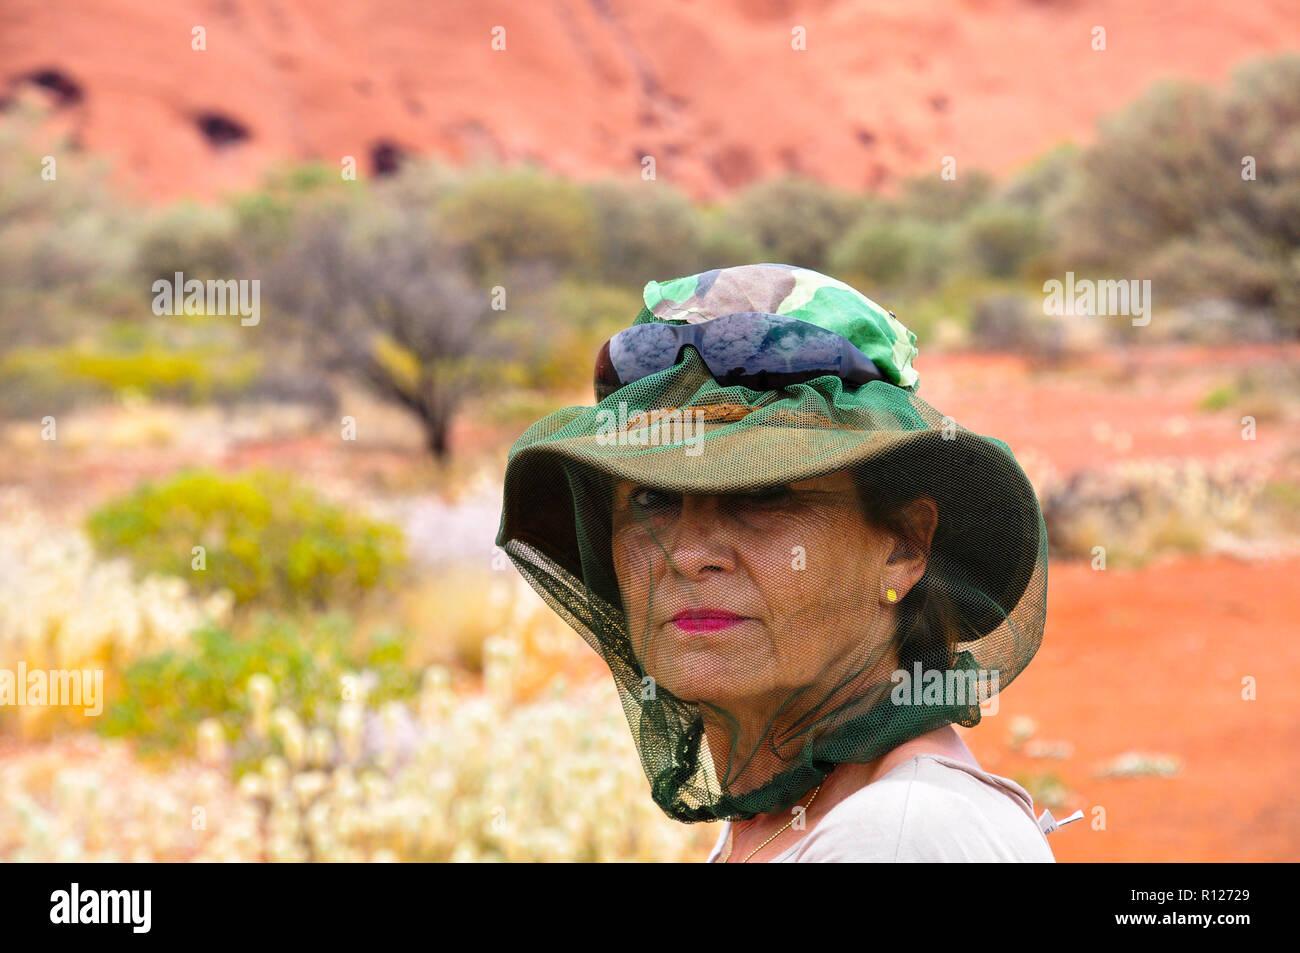 Brunette donna nell'entroterra australiano protetto con una zanzariera oltre il cappello e la testa. Immagini Stock